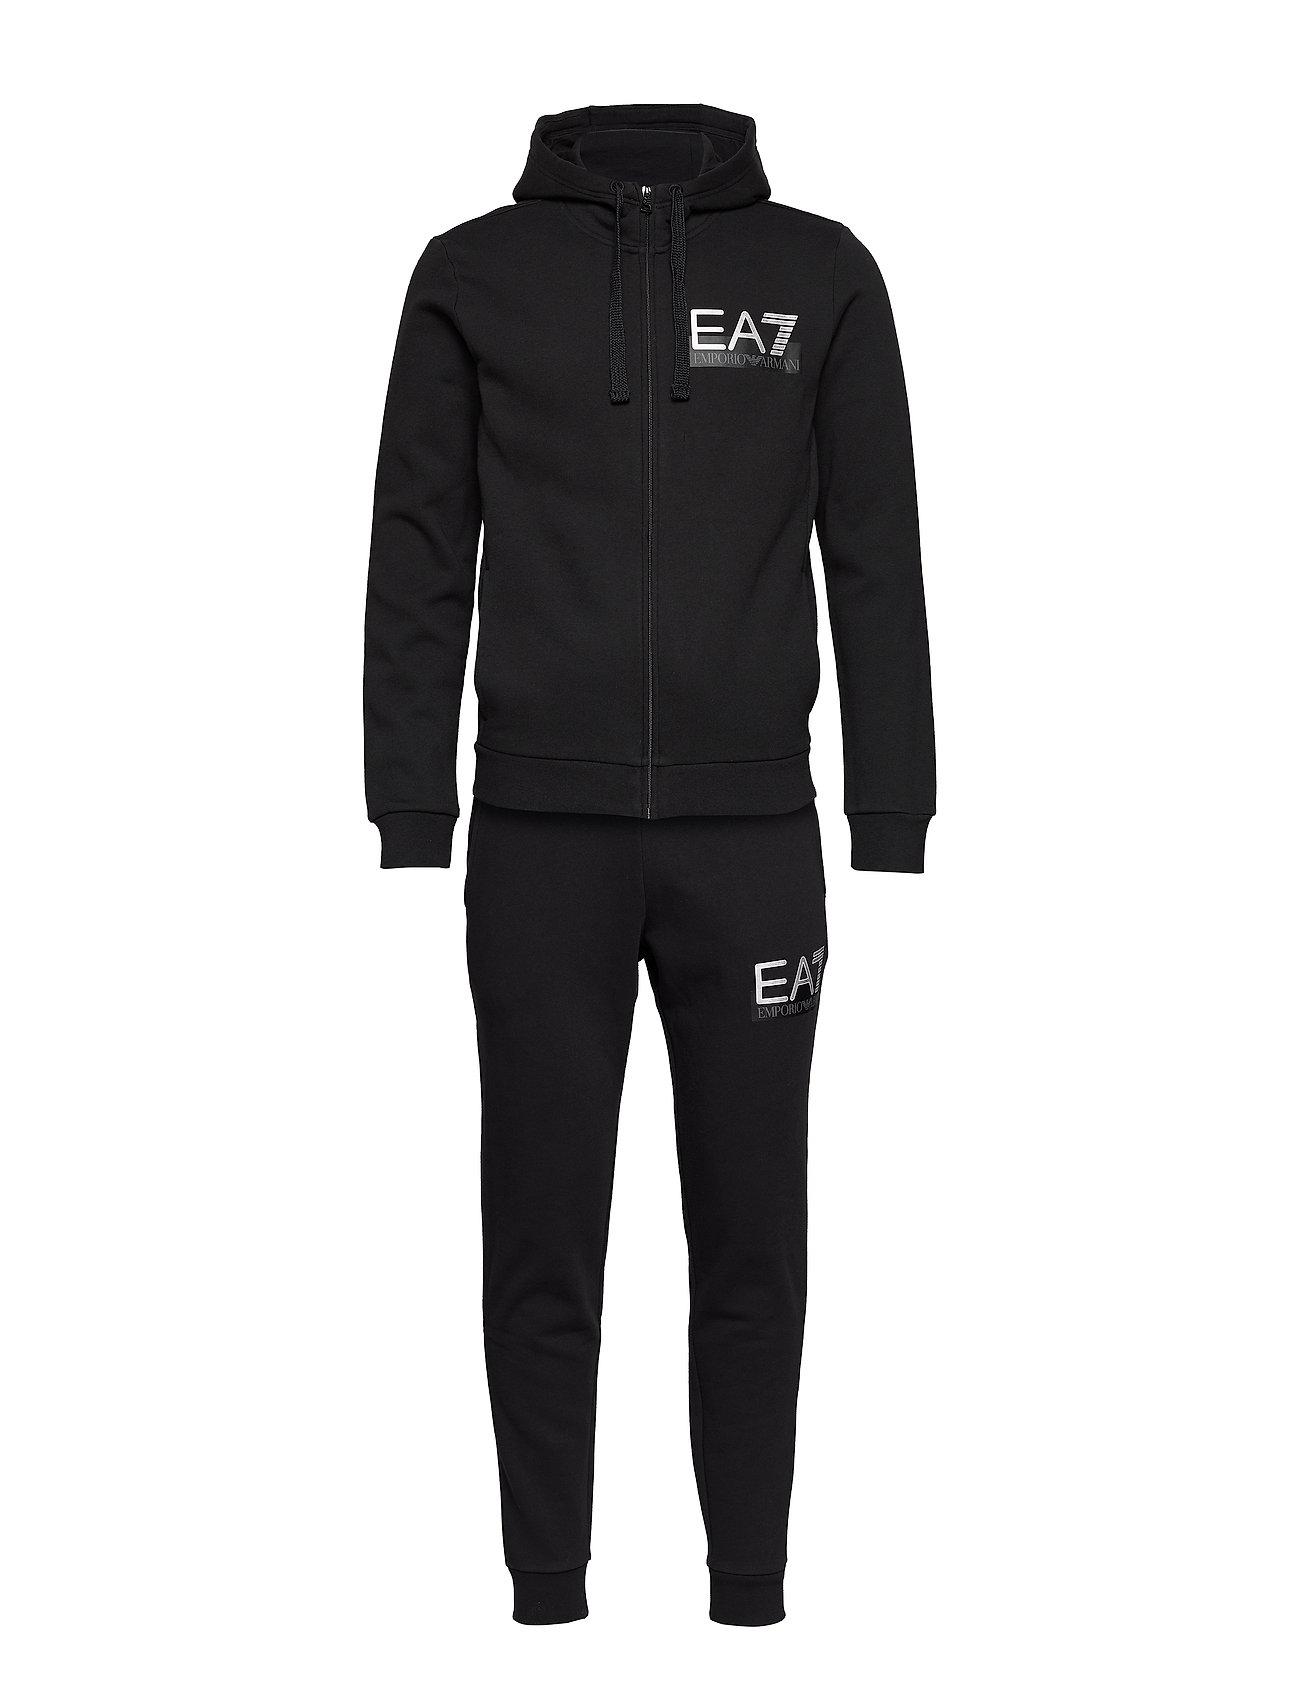 EA7 ZIP HOODIE TRACK SUIT - BLACK